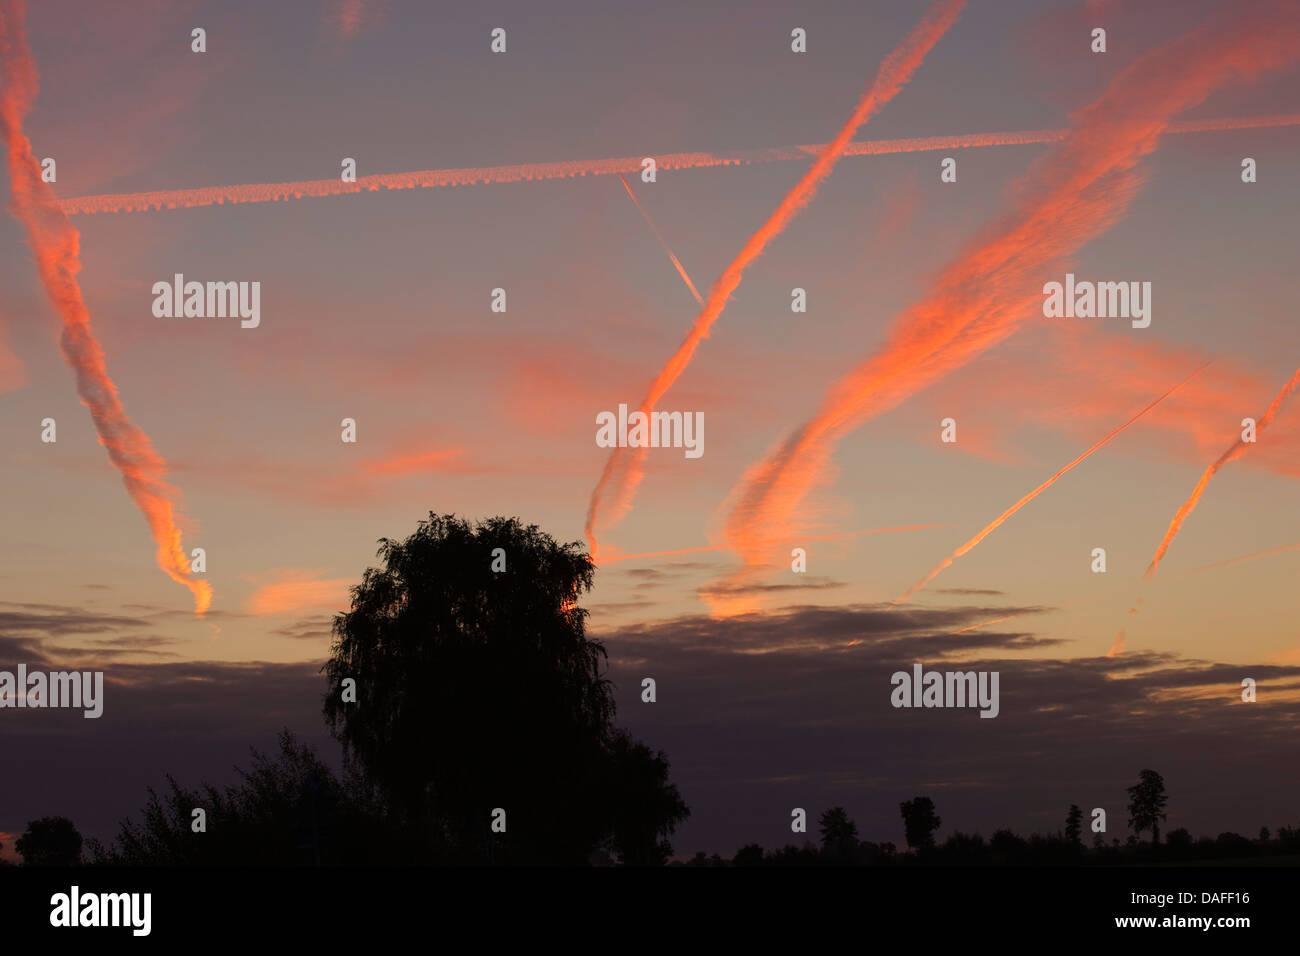 Kondensstreifen am Himmel im Morgenlicht, Deutschland Stockbild